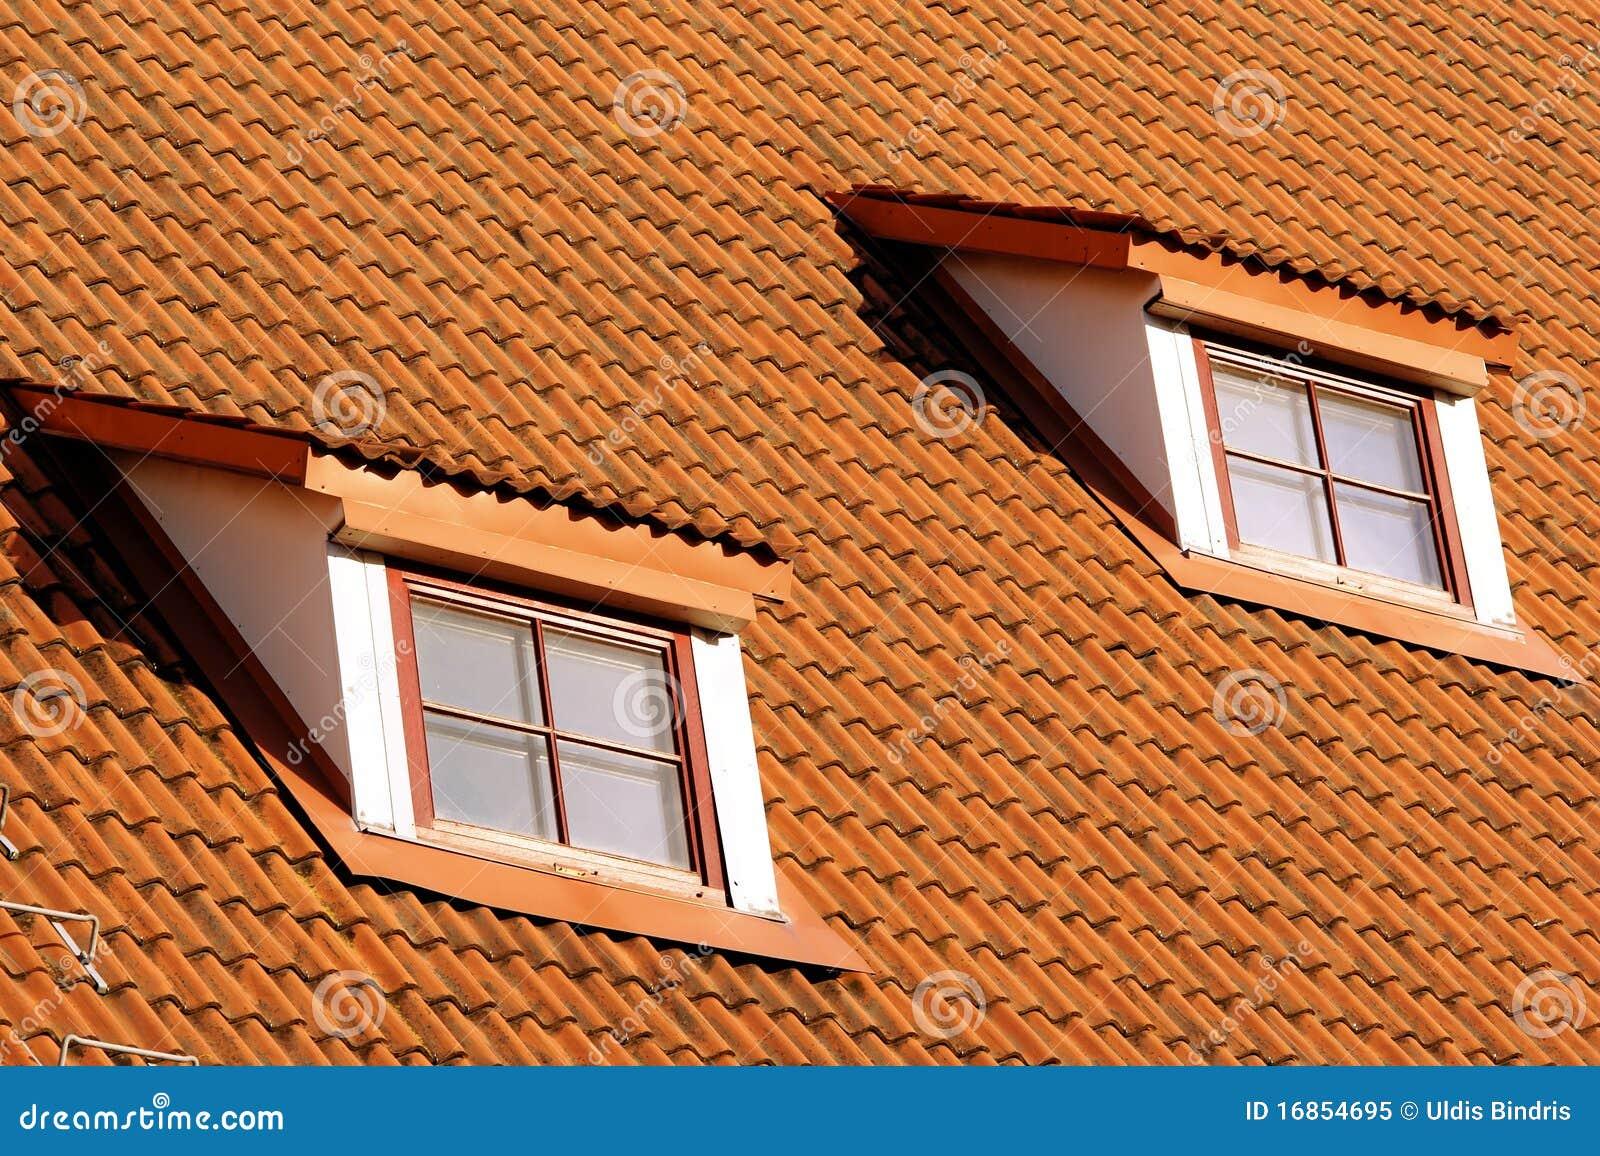 Tetto di piastrellatura con le finestre immagine stock immagine di asta particolare 16854695 - Finestra da tetto prezzi ...